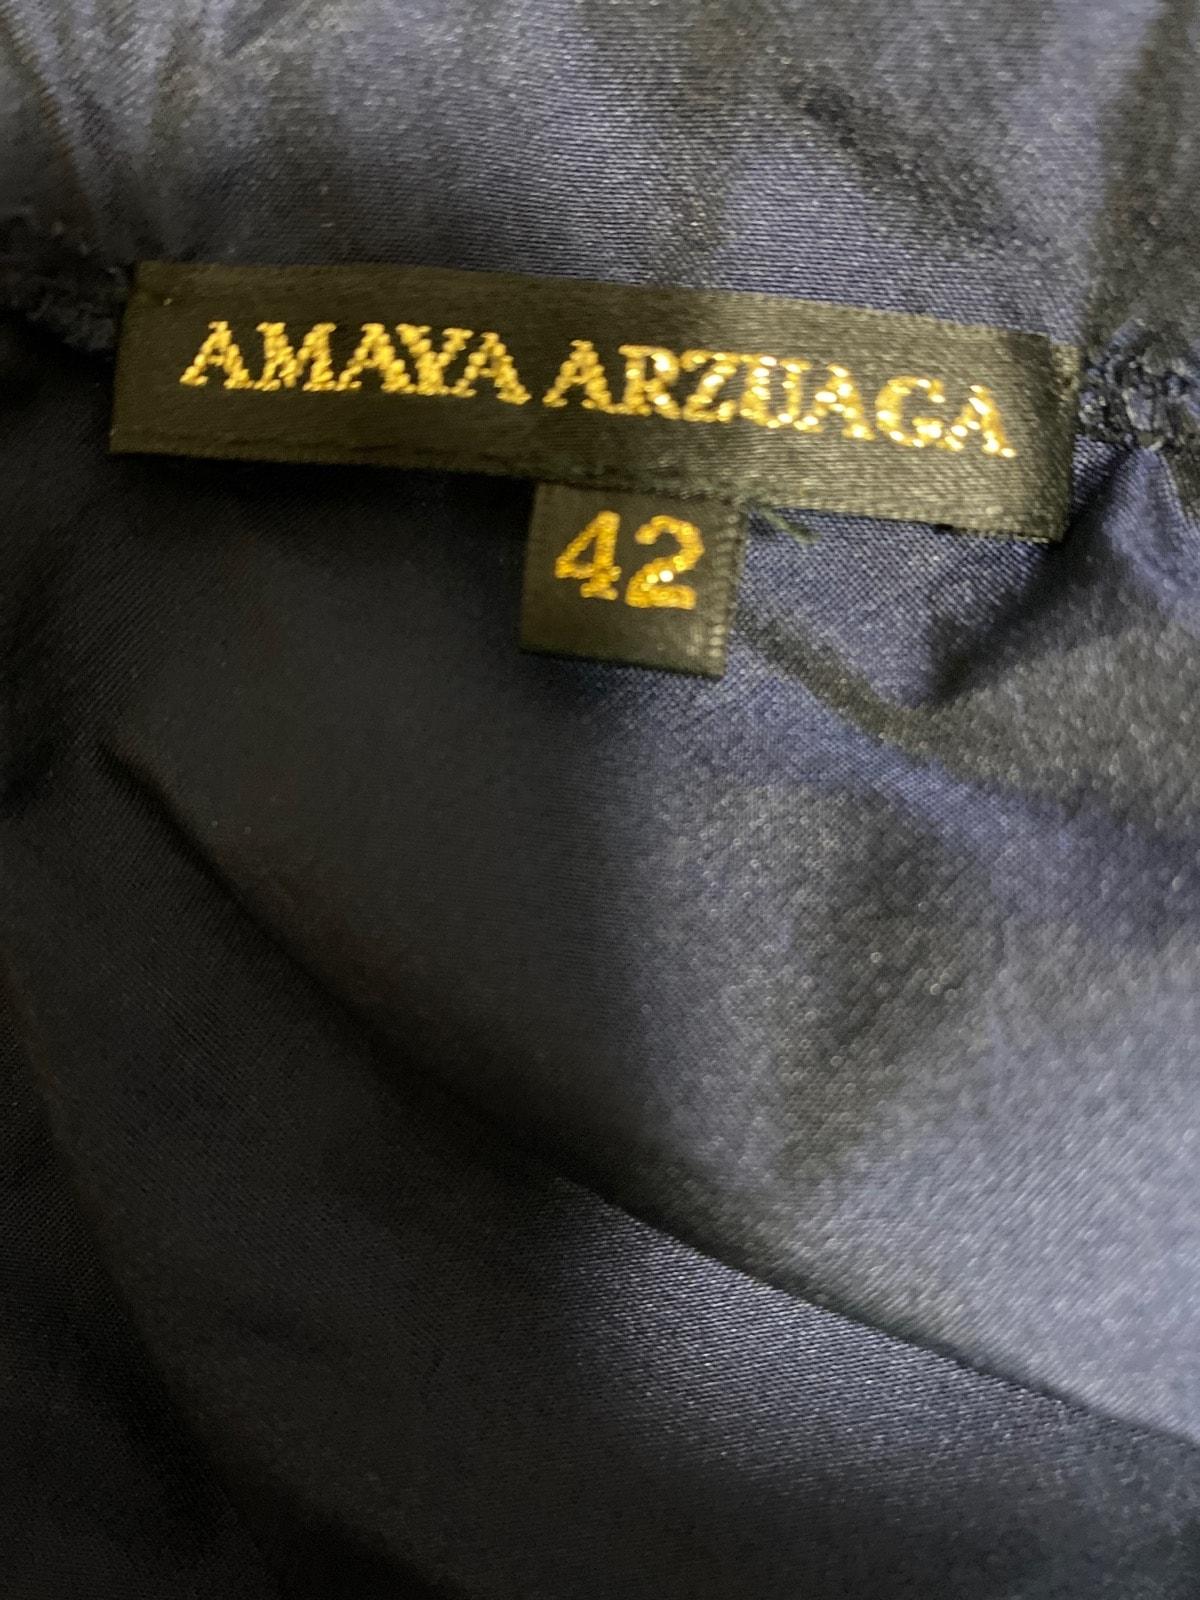 amayaarzuaga(アマヤアルズアーガ)のワンピース